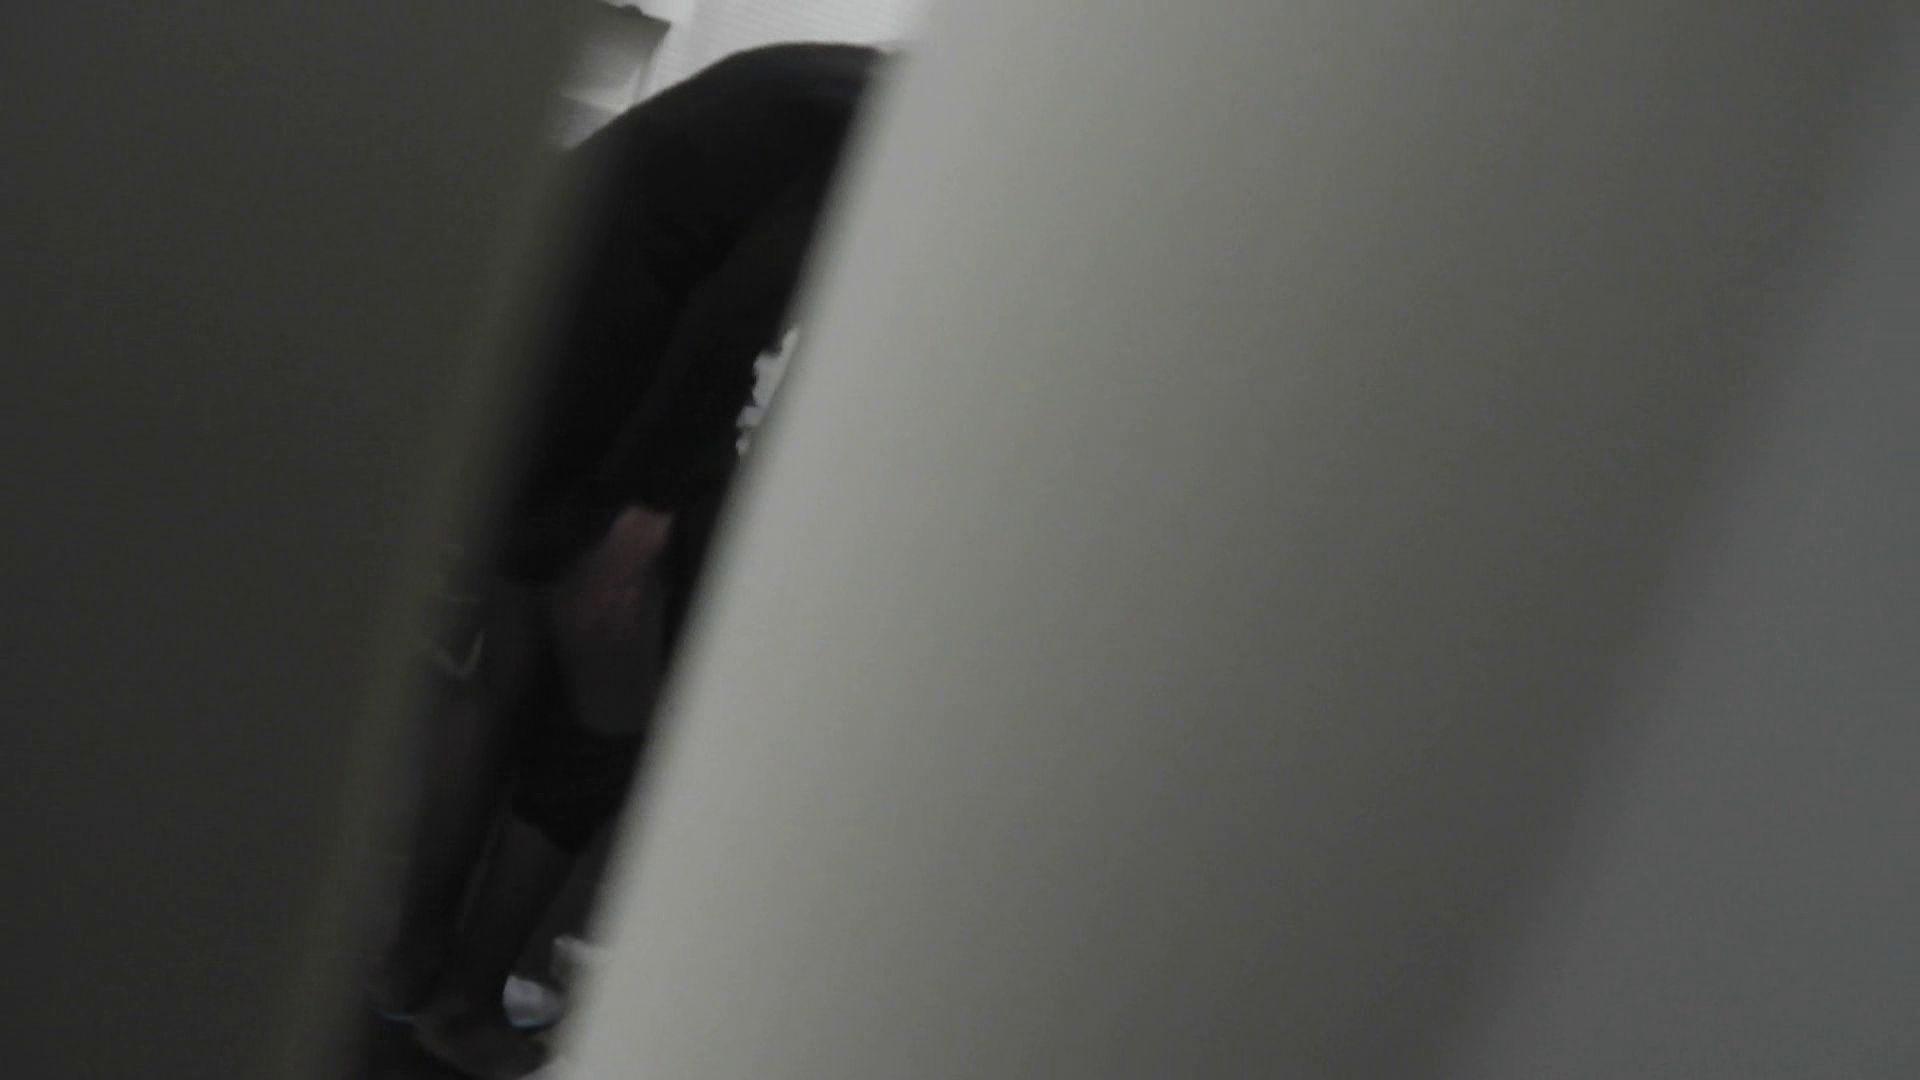 【日本成人用品展览会。超模如云】vol.01 着替|空爆 潜入突撃  103pic 45